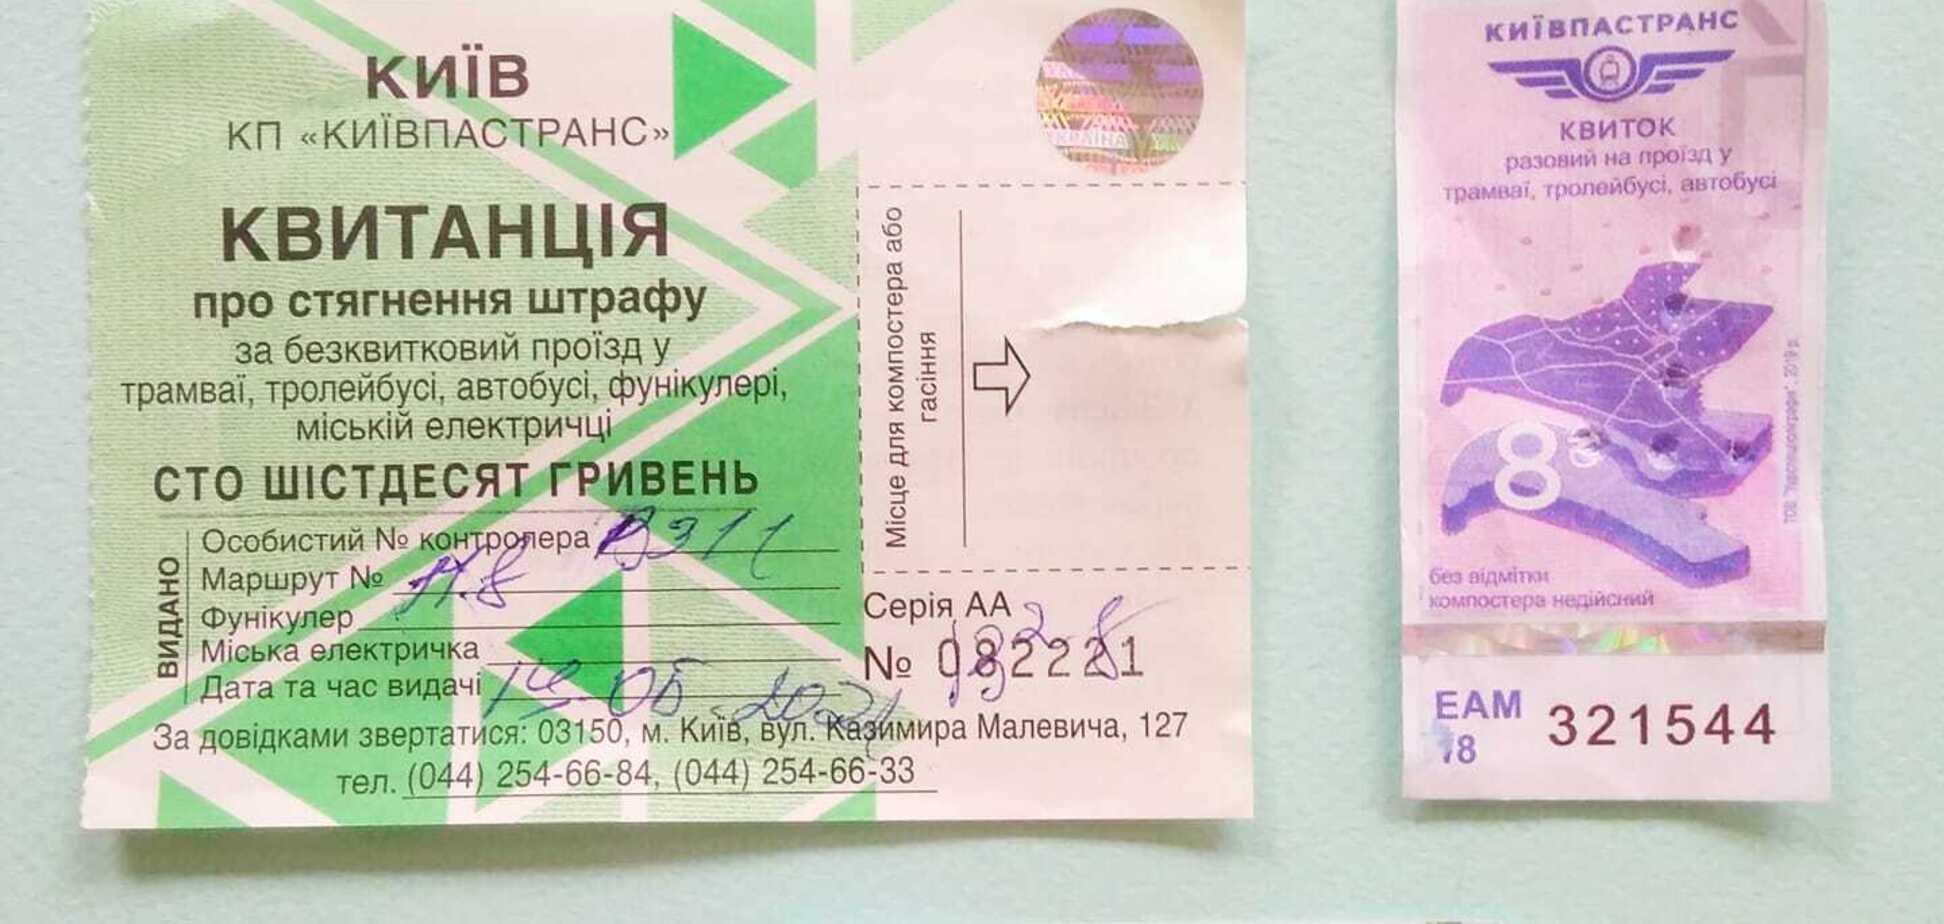 У Києві кондукторка автобуса нібито продала жінці підроблений квиток: куди скаржитися